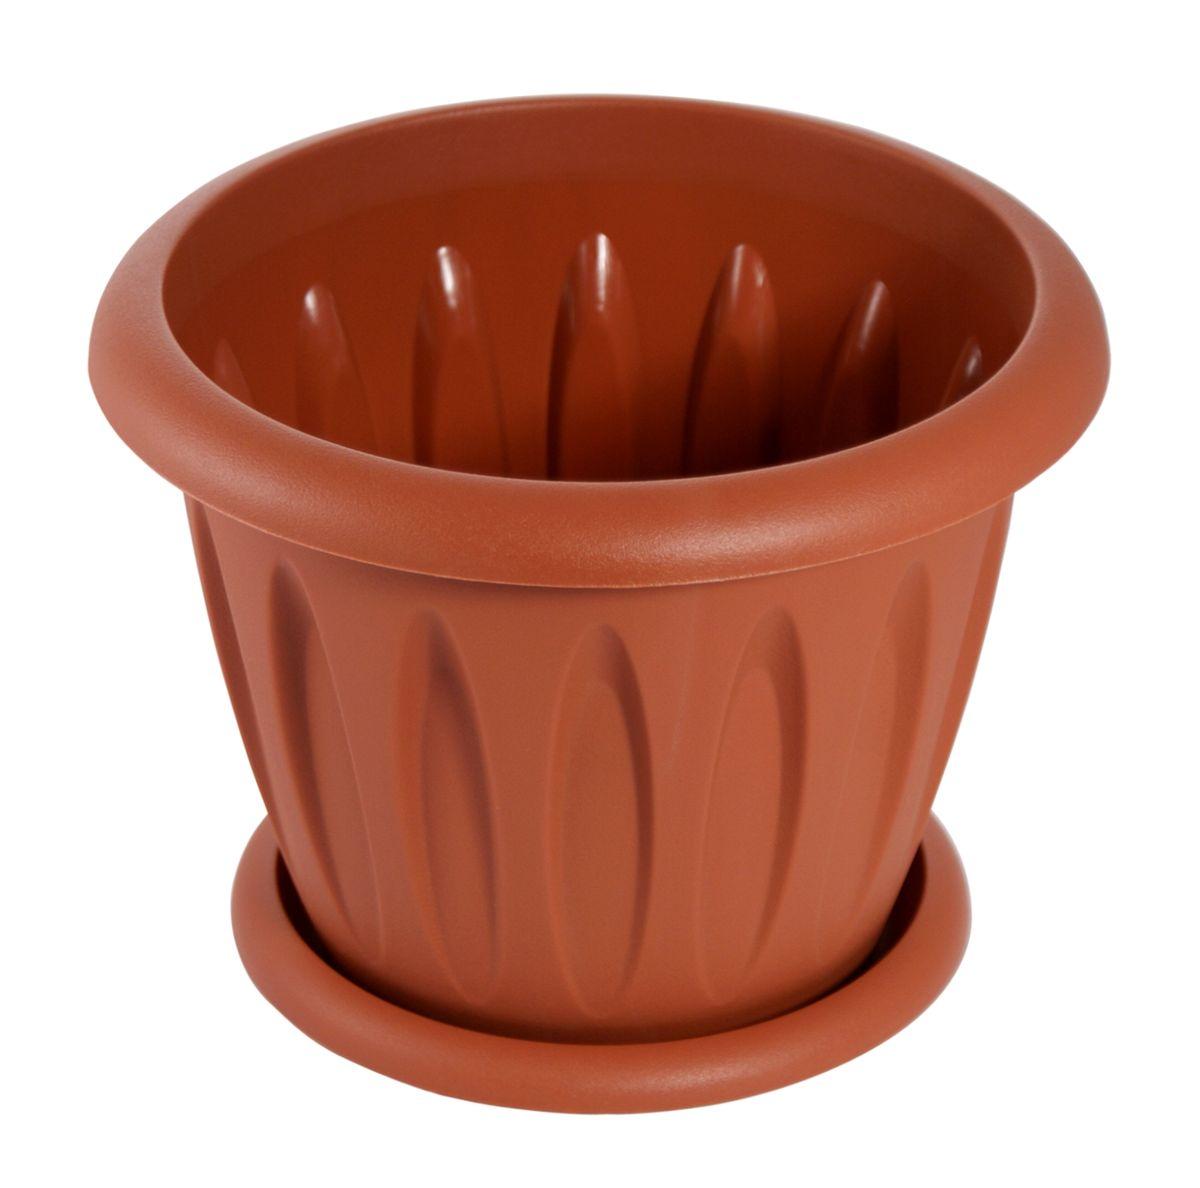 Горшок для цветов Martika Фелиция, с поддоном, цвет: терракотовый, 6,4 лMRC105TЛюбой, даже самый современный и продуманный интерьер будет не завершенным без растений. Они не только очищают воздух и насыщают его кислородом, но и заметно украшают окружающее пространство. Такому полезному члену семьи просто необходимо красивое и функциональное кашпо, оригинальный горшок или необычная ваза! Мы предлагаем - Горшок для растений Фелиция 6,4 л d=27 см с поддоном, цвет терракотовый! Оптимальный выбор материала - это пластмасса! Почему мы так считаем? Малый вес. С легкостью переносите горшки и кашпо с места на место, ставьте их на столики или полки, подвешивайте под потолок, не беспокоясь о нагрузке. Простота ухода. Пластиковые изделия не нуждаются в специальных условиях хранения. Их легко чистить достаточно просто сполоснуть теплой водой. Никаких царапин. Пластиковые кашпо не царапают и не загрязняют поверхности, на которых стоят. Пластик дольше хранит влагу, а значит растение реже нуждается в поливе. Пластмасса не пропускает воздух корневой системе растения не грозят резкие перепады температур. Огромный выбор форм, декора и расцветок вы без труда подберете что-то, что идеально впишется в уже существующий интерьер. Соблюдая нехитрые правила ухода, вы можете заметно продлить срок службы горшков, вазонов и кашпо из пластика: всегда учитывайте размер кроны и корневой системы растения (при разрастании большое растение способно повредить маленький горшок) берегите изделие от воздействия прямых солнечных лучей, чтобы кашпо и горшки не выцветали держите кашпо и горшки из пластика подальше от нагревающихся поверхностей. Создавайте прекрасные цветочные композиции, выращивайте рассаду или необычные растения, а низкие цены позволят вам не ограничивать себя в выборе.